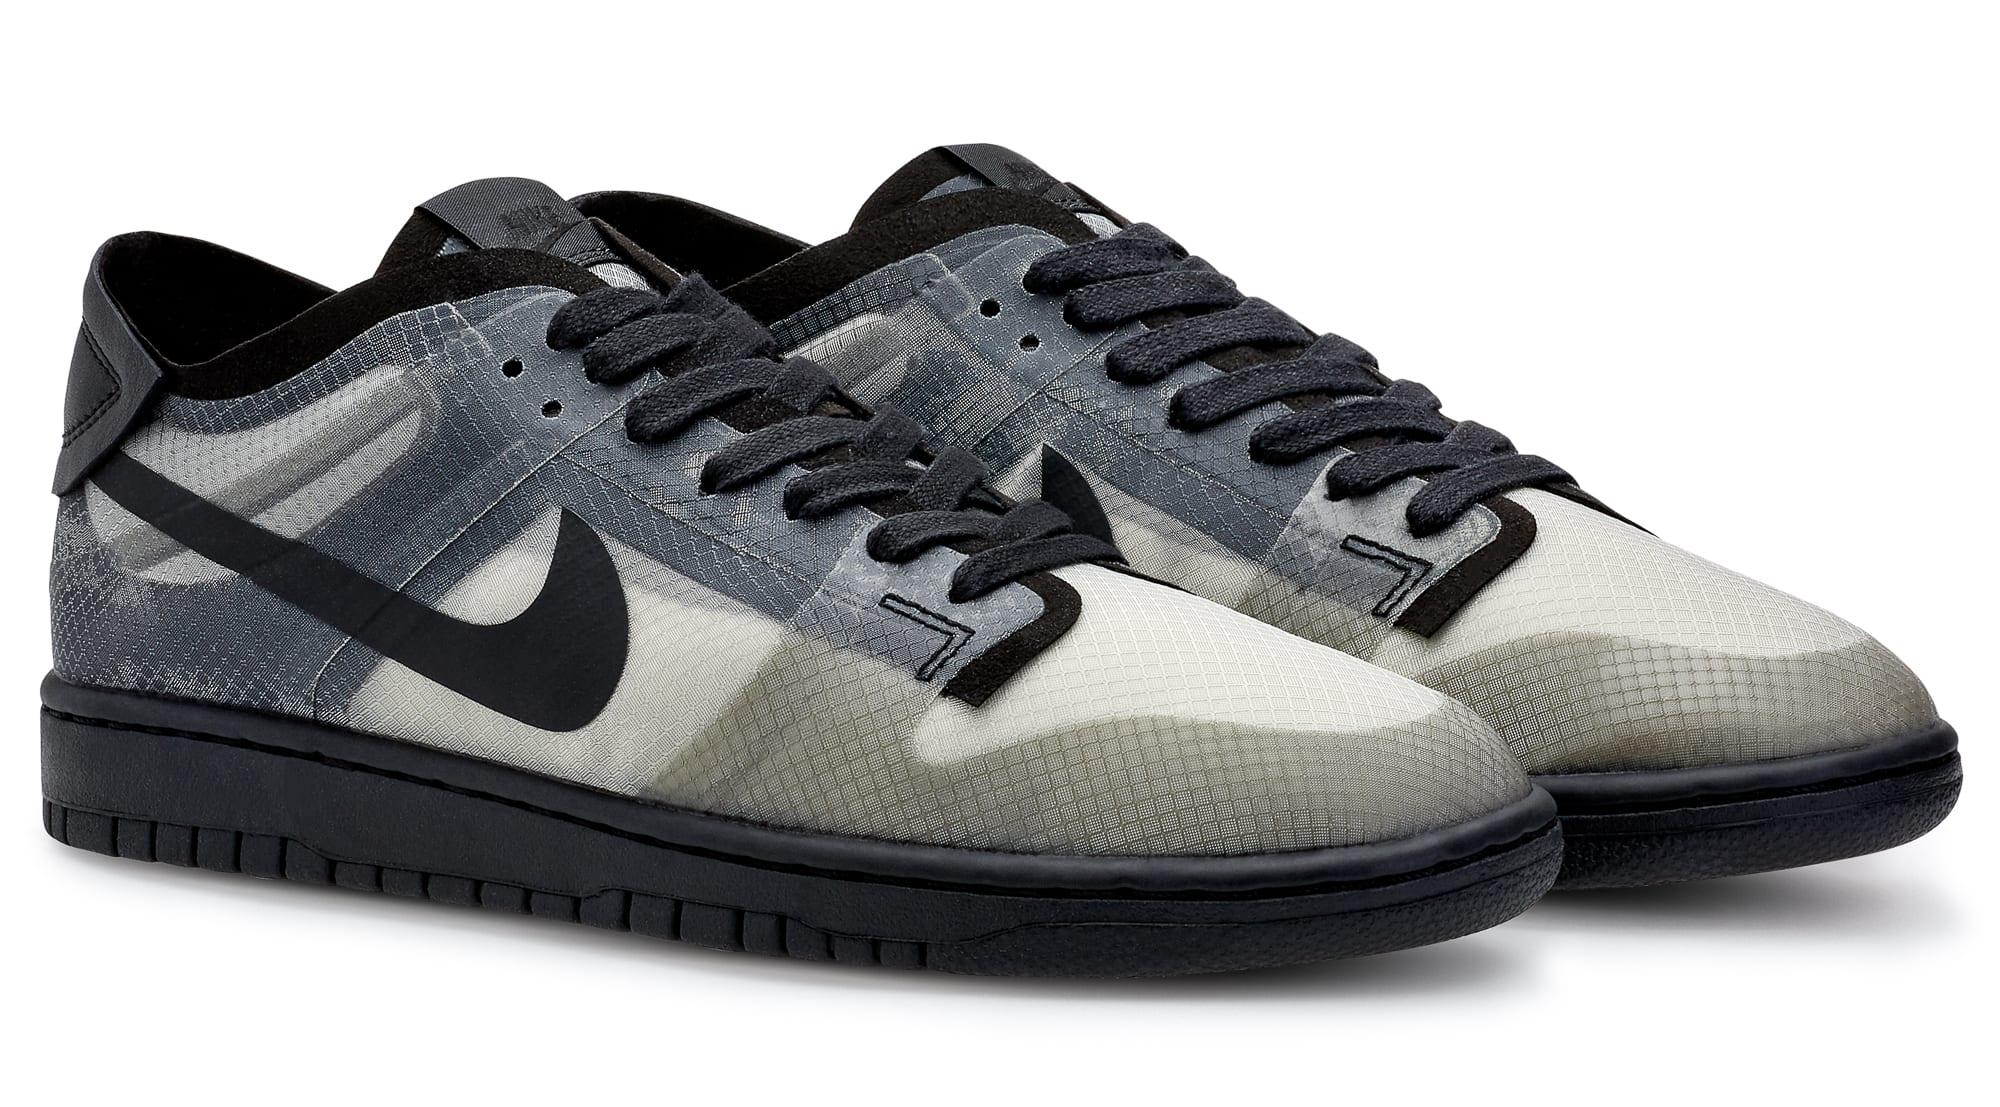 Comme Des Garcons x Nike Dunk Low Pair